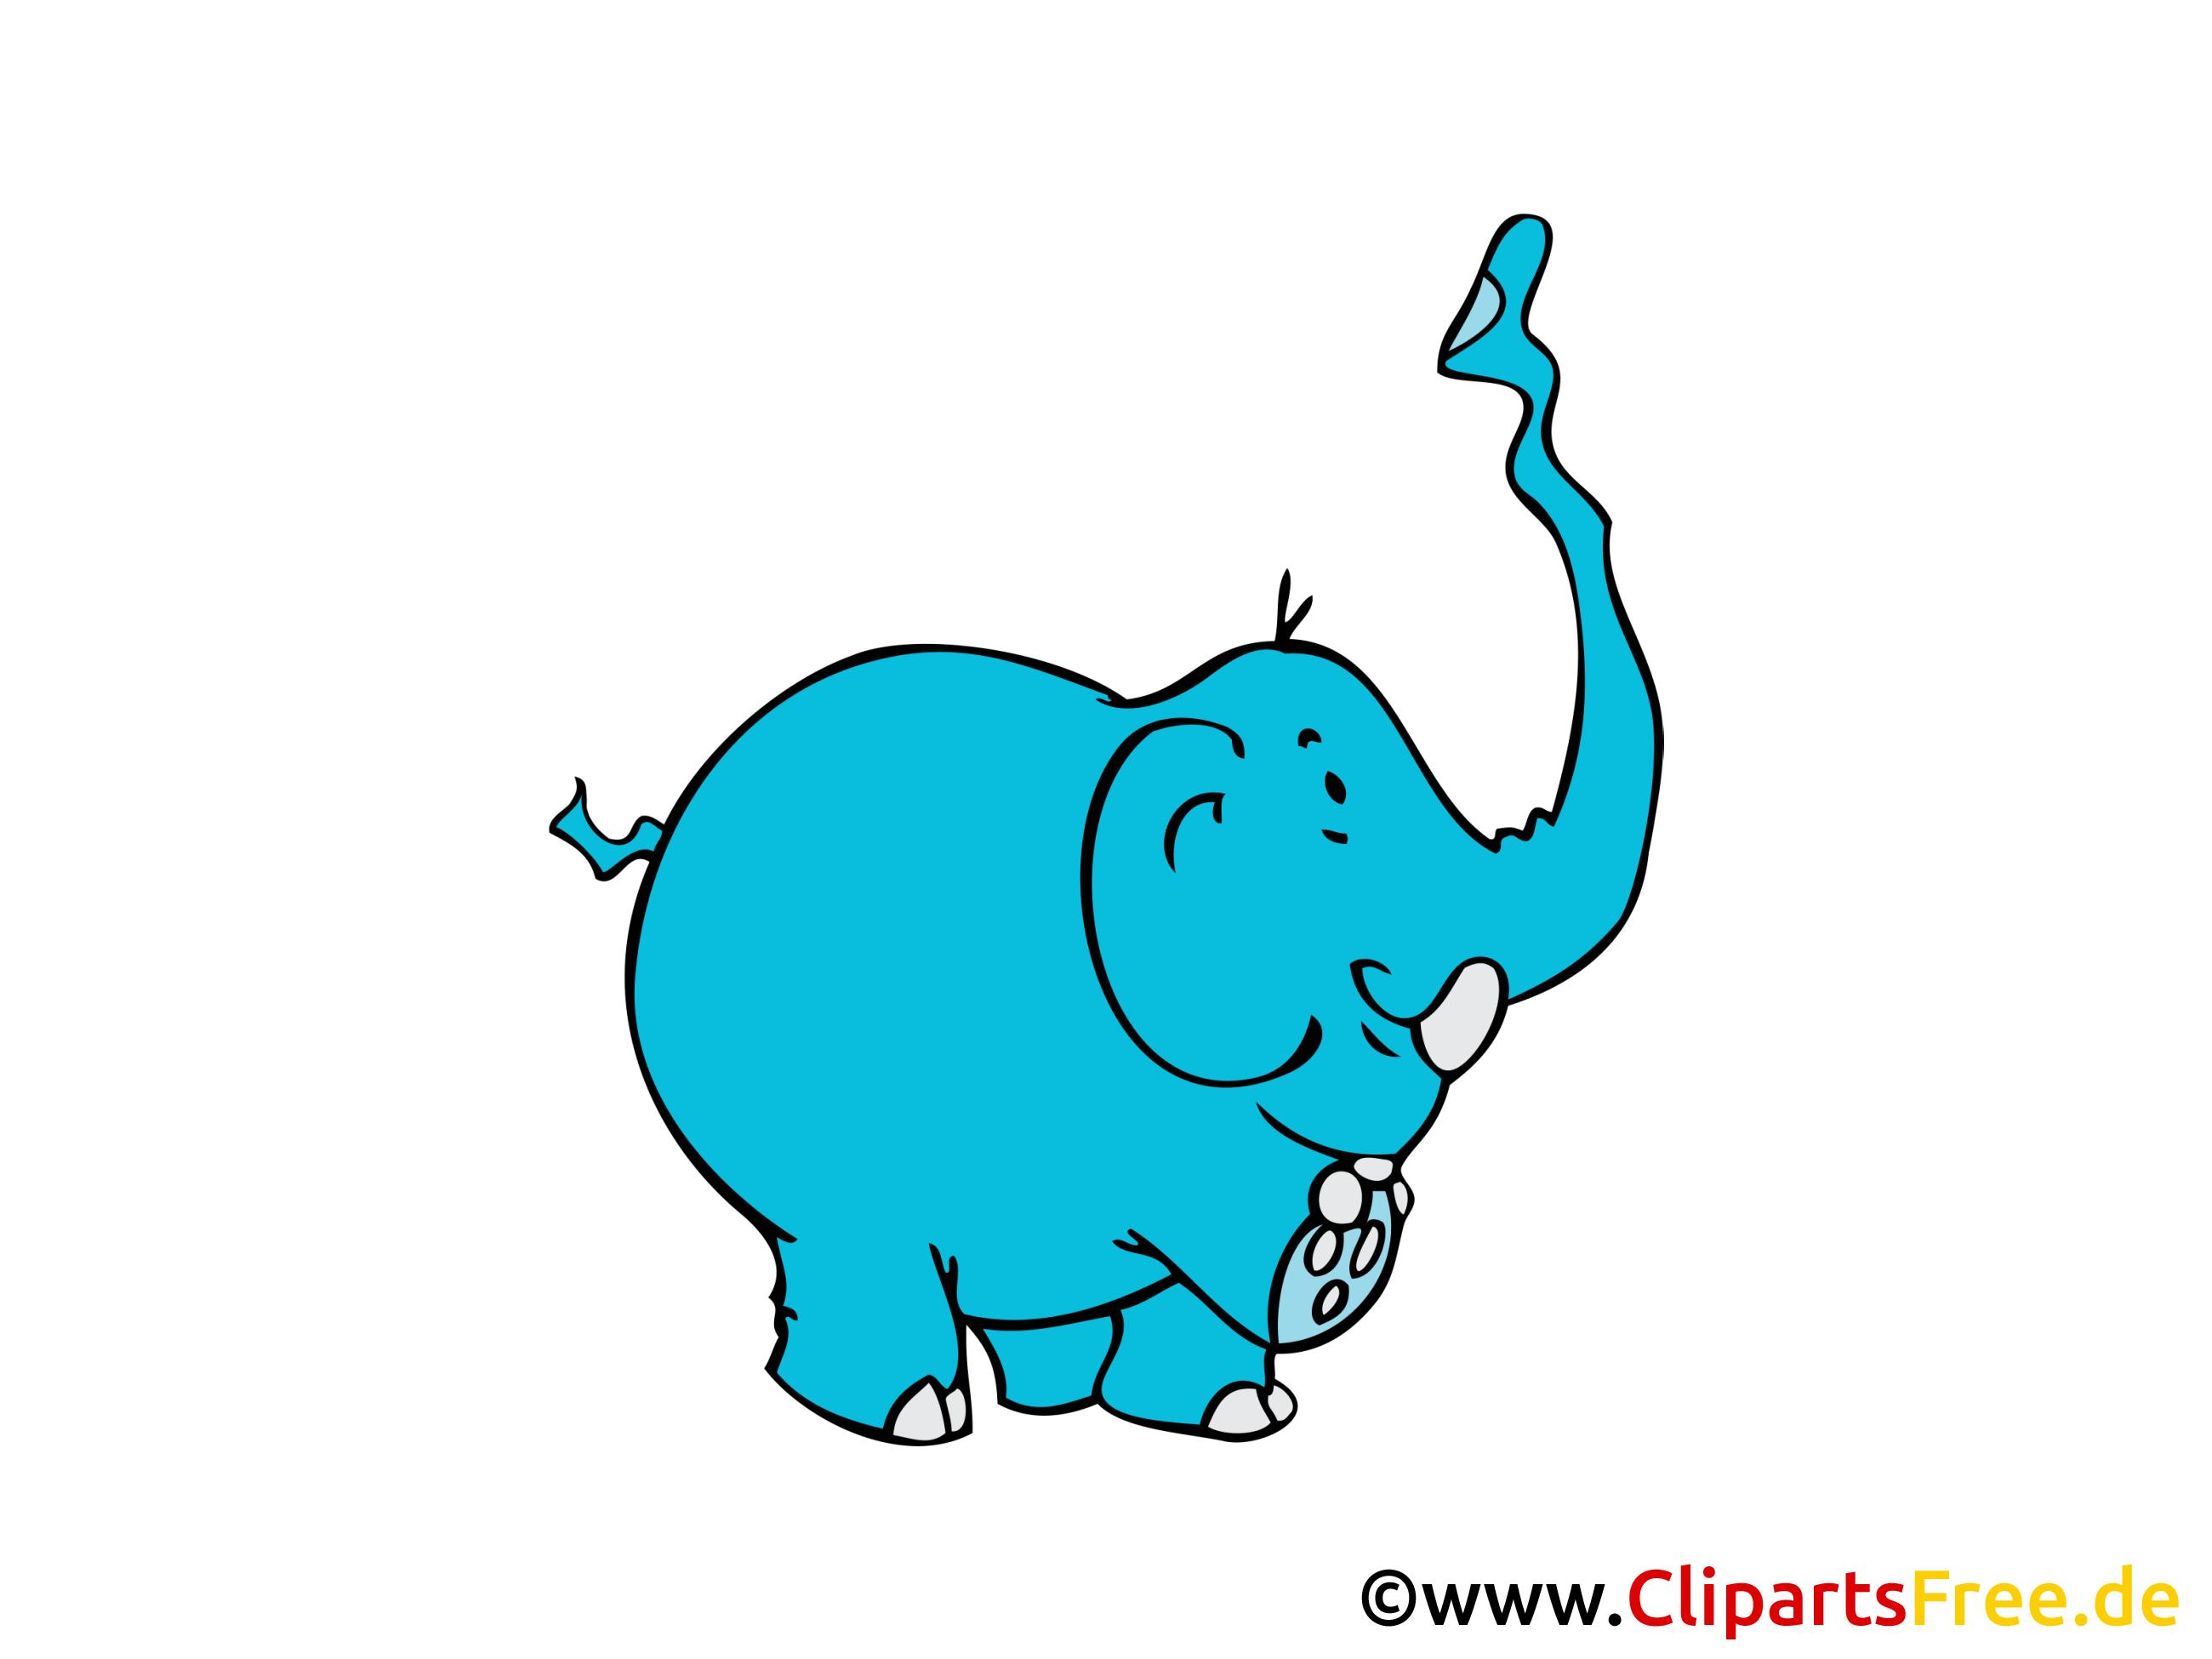 Éléphant cliparts gratuis – Émoticônes images